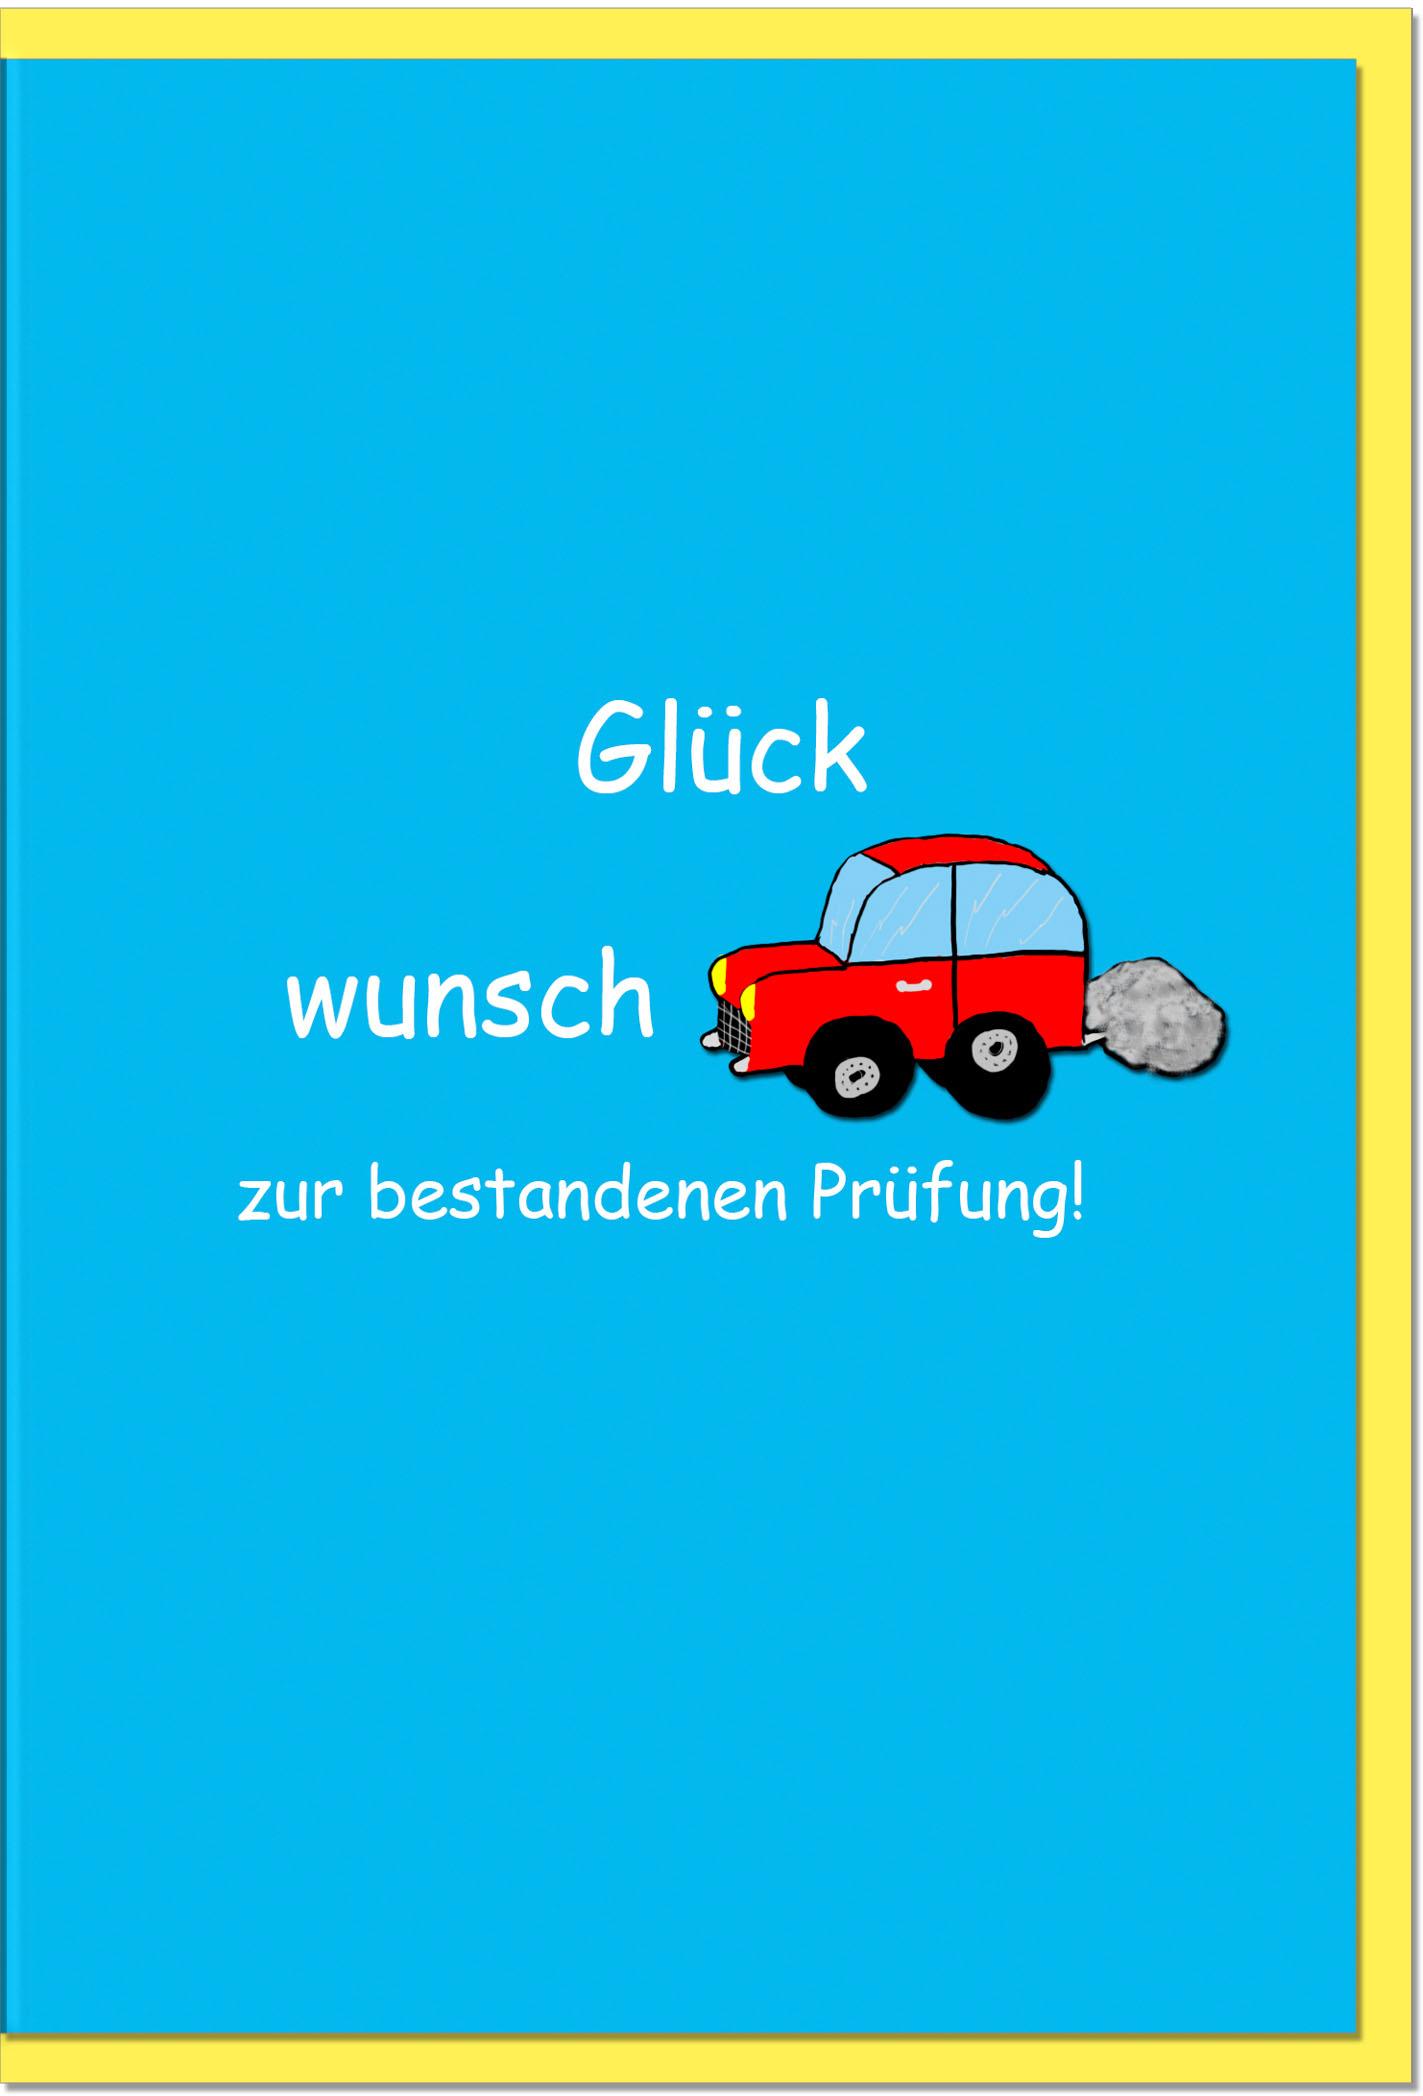 Prüfungskarten / Grußkarten /Prüfung Auto